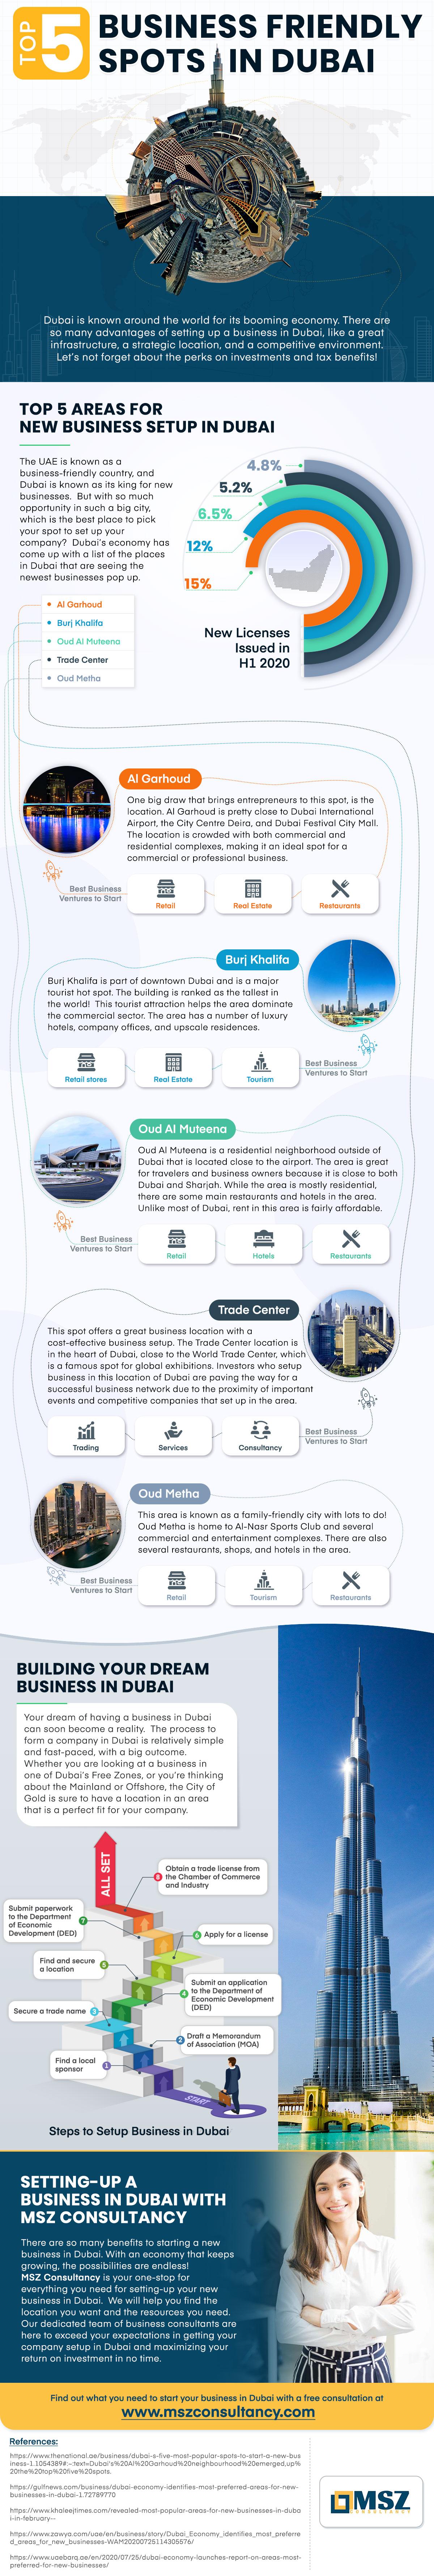 top-5-business-friendly-spots-in-Dubai